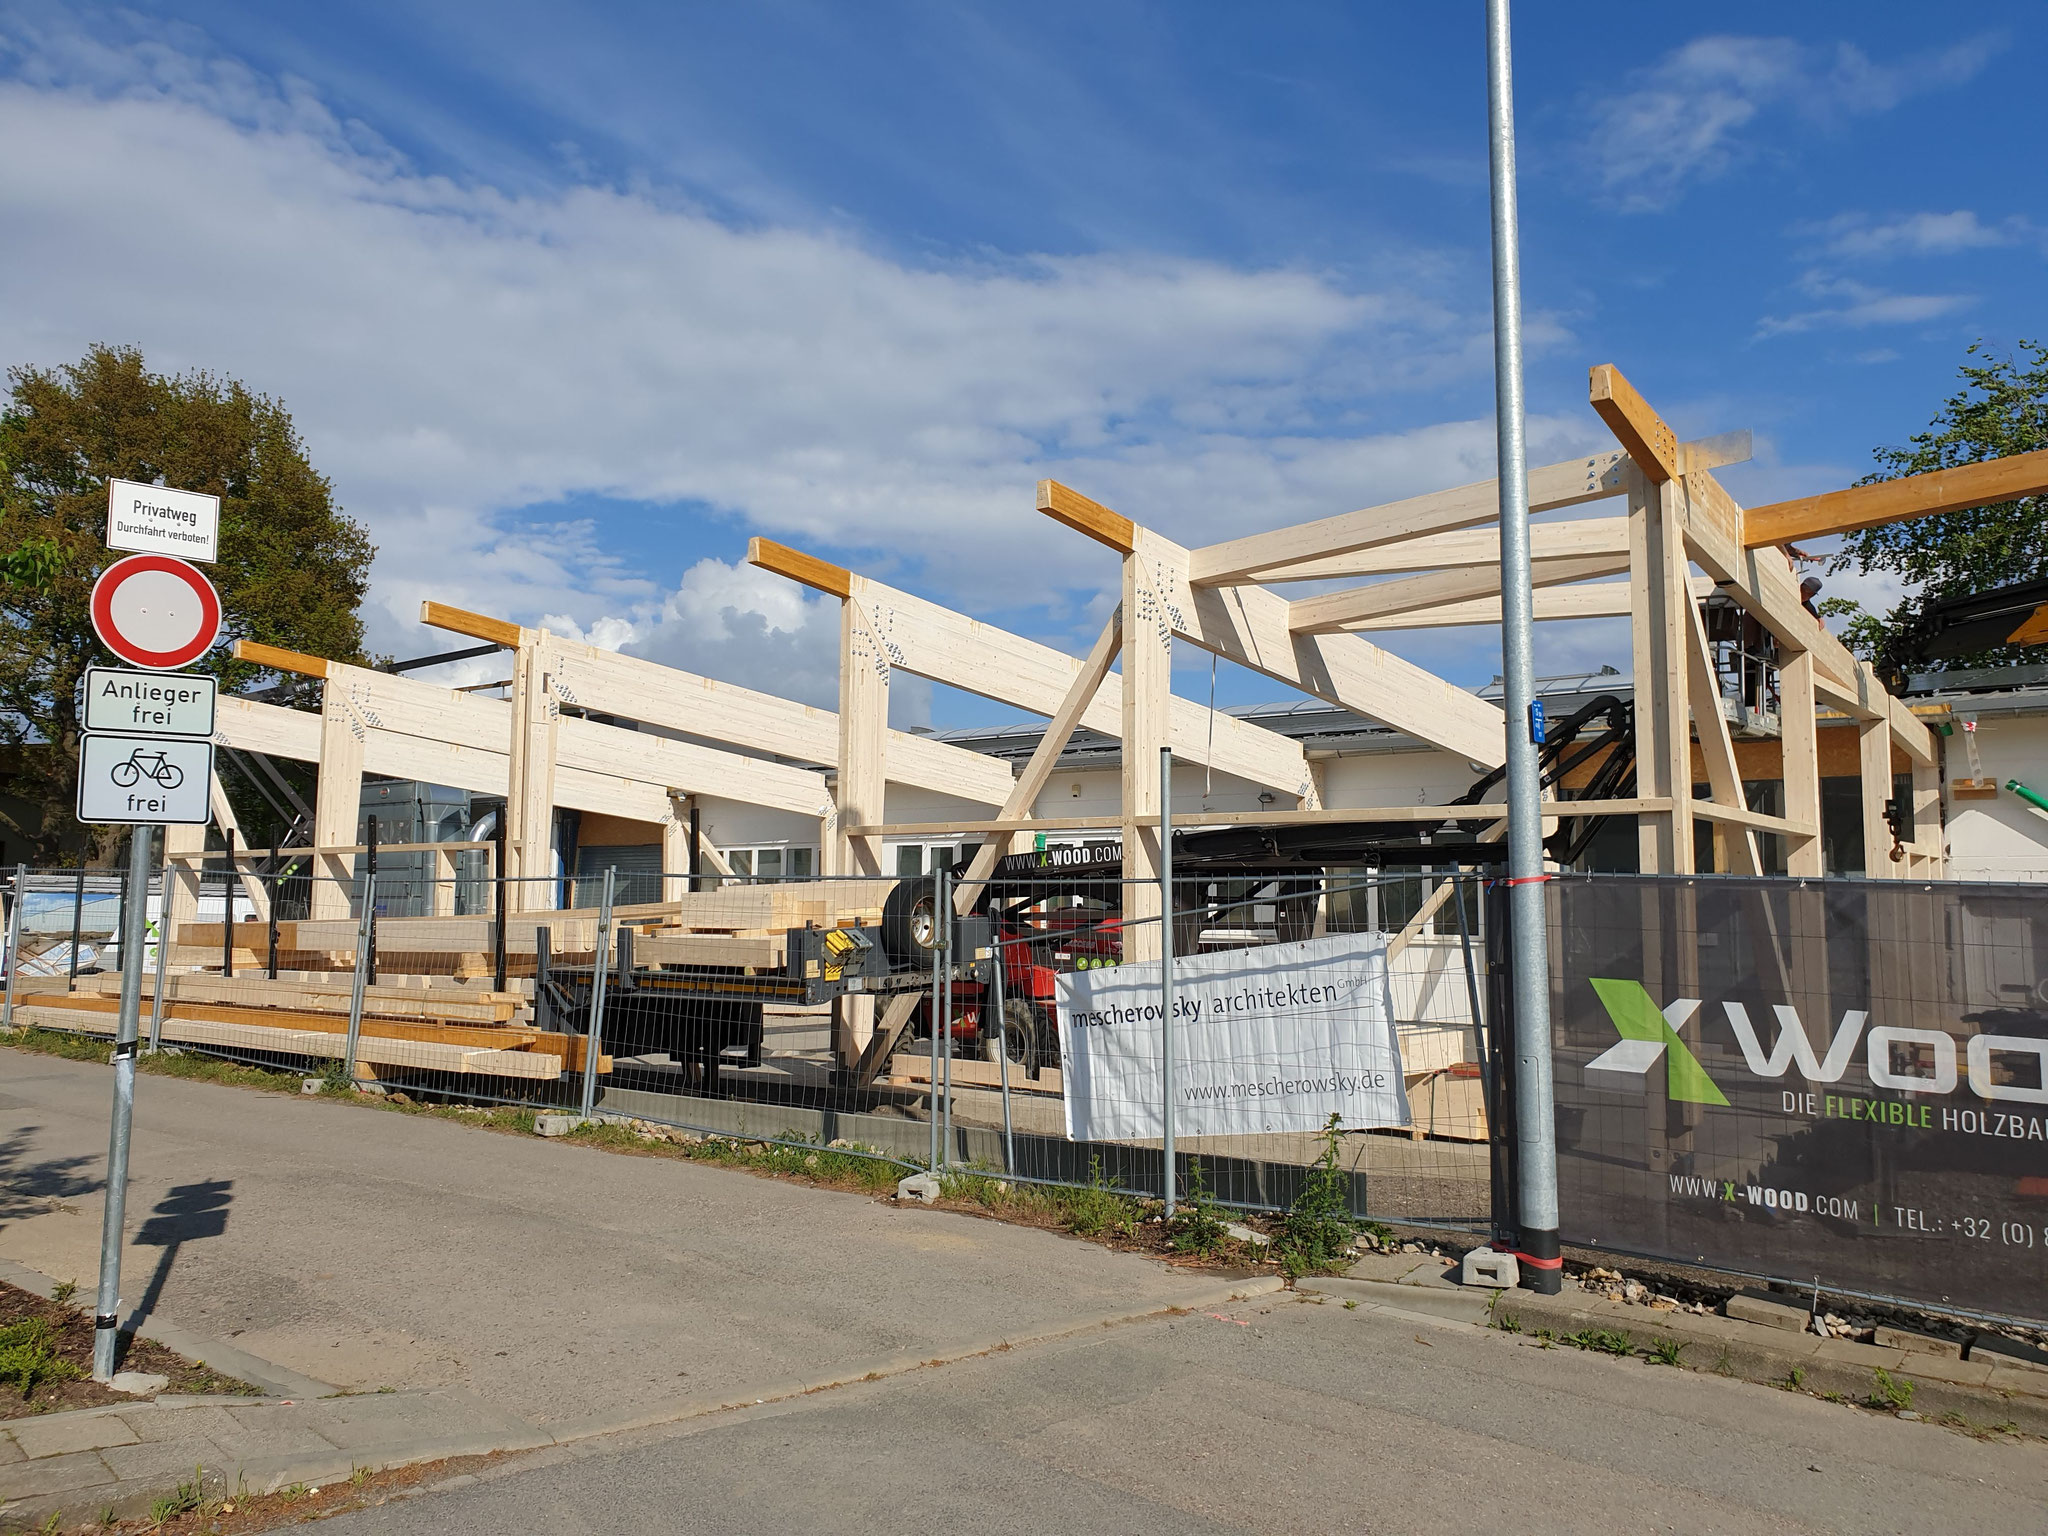 Holzbau von X-Woods Büllingen